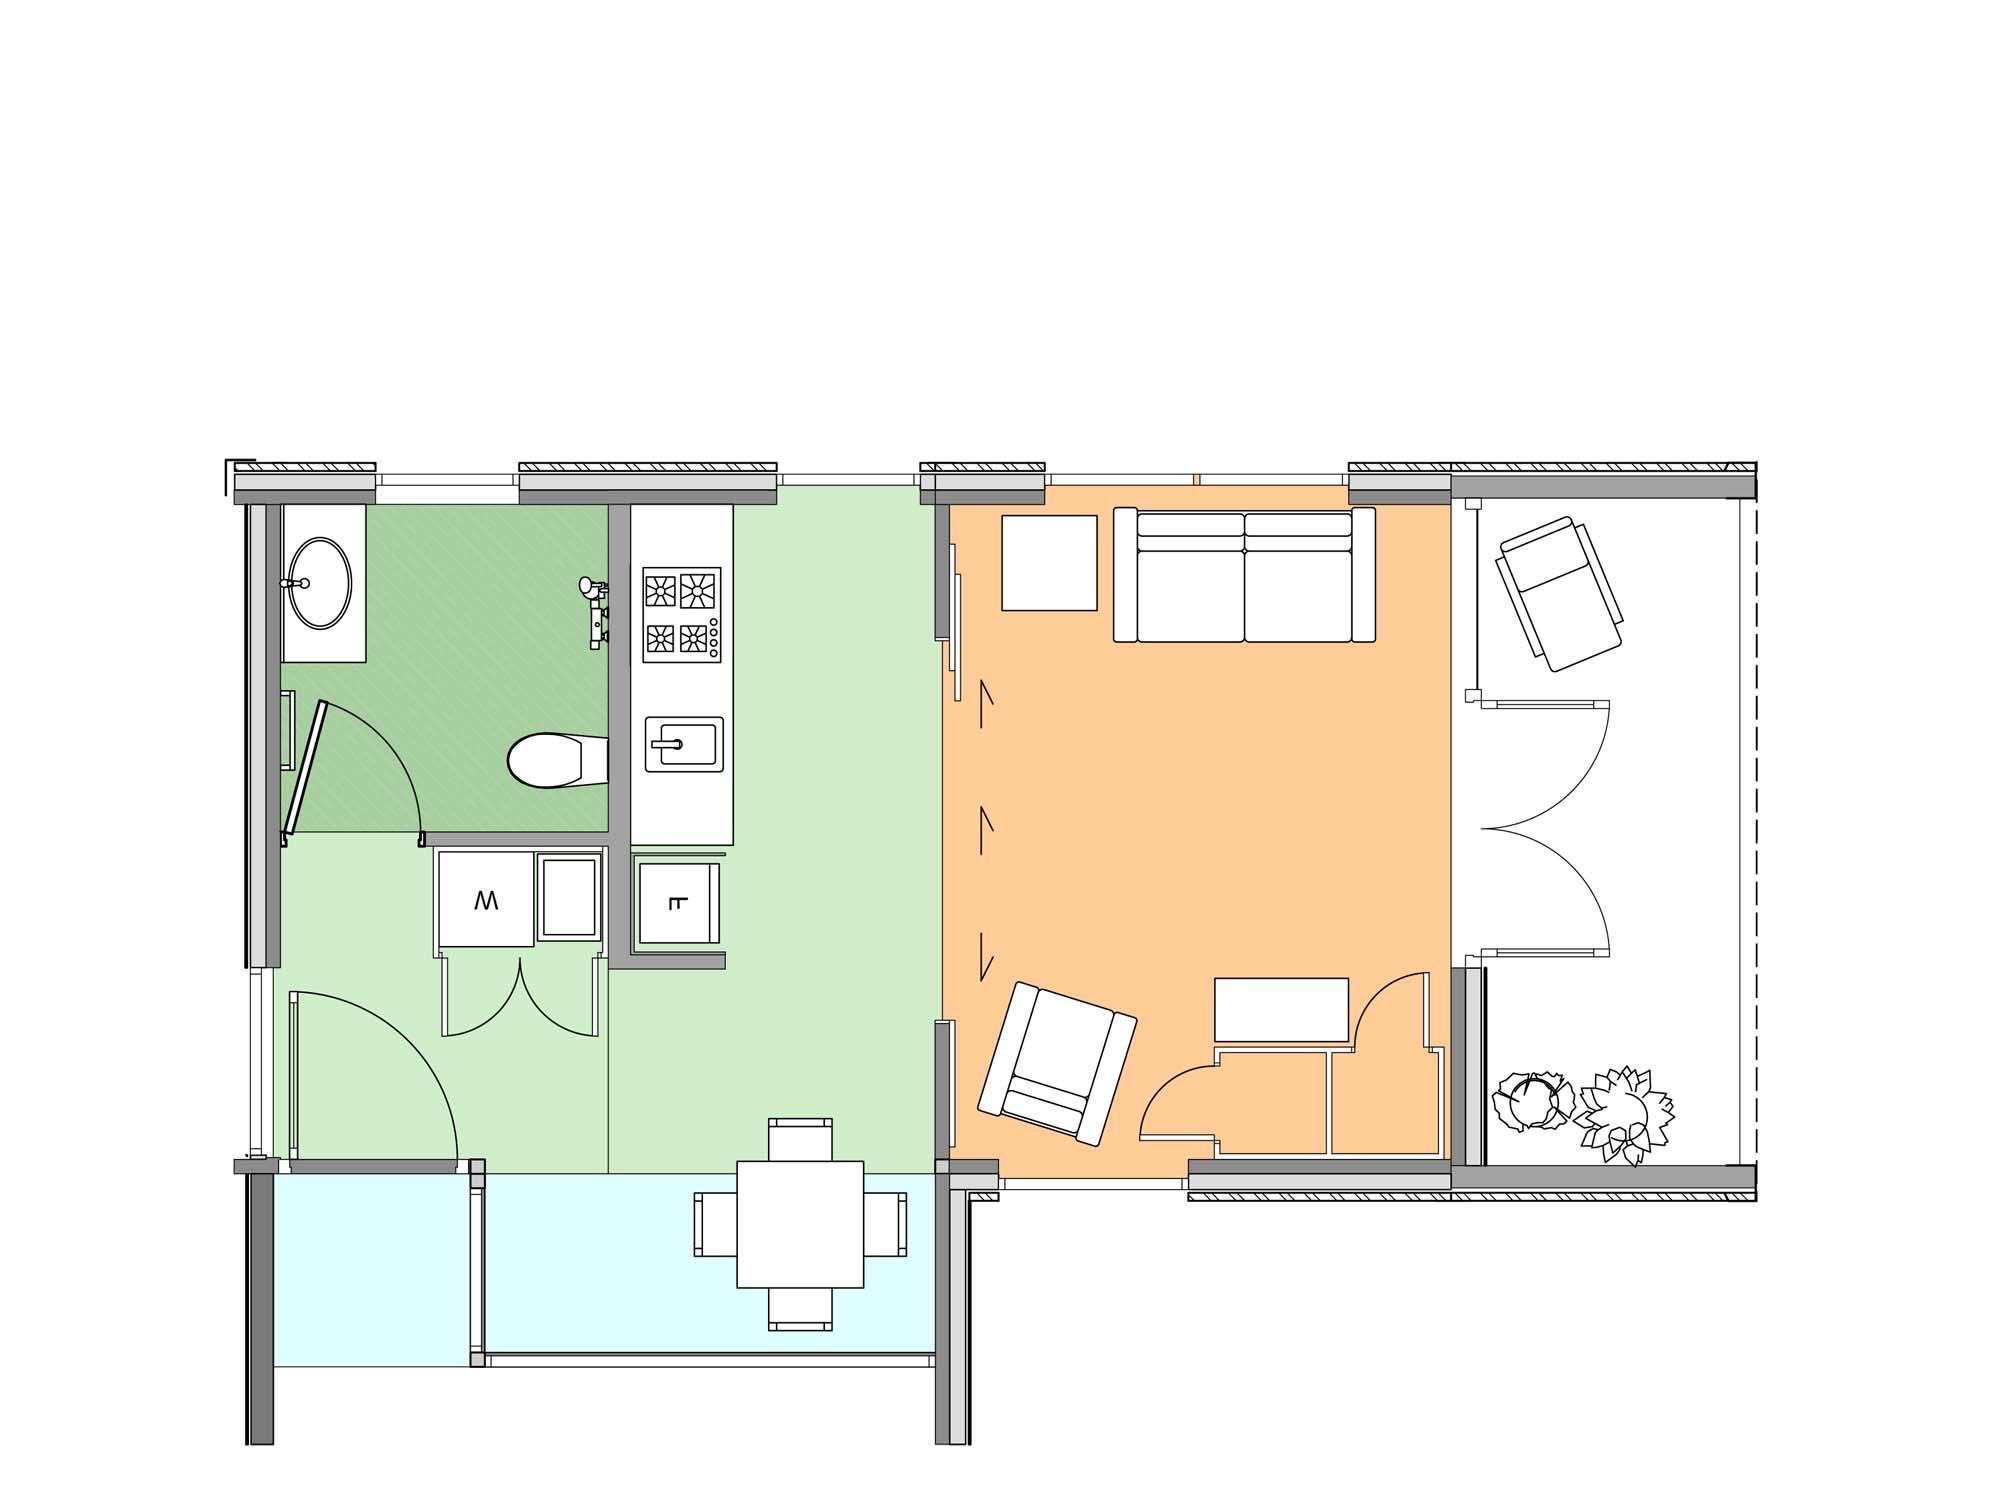 Plan of studio Te Whare-iti TWI 01M